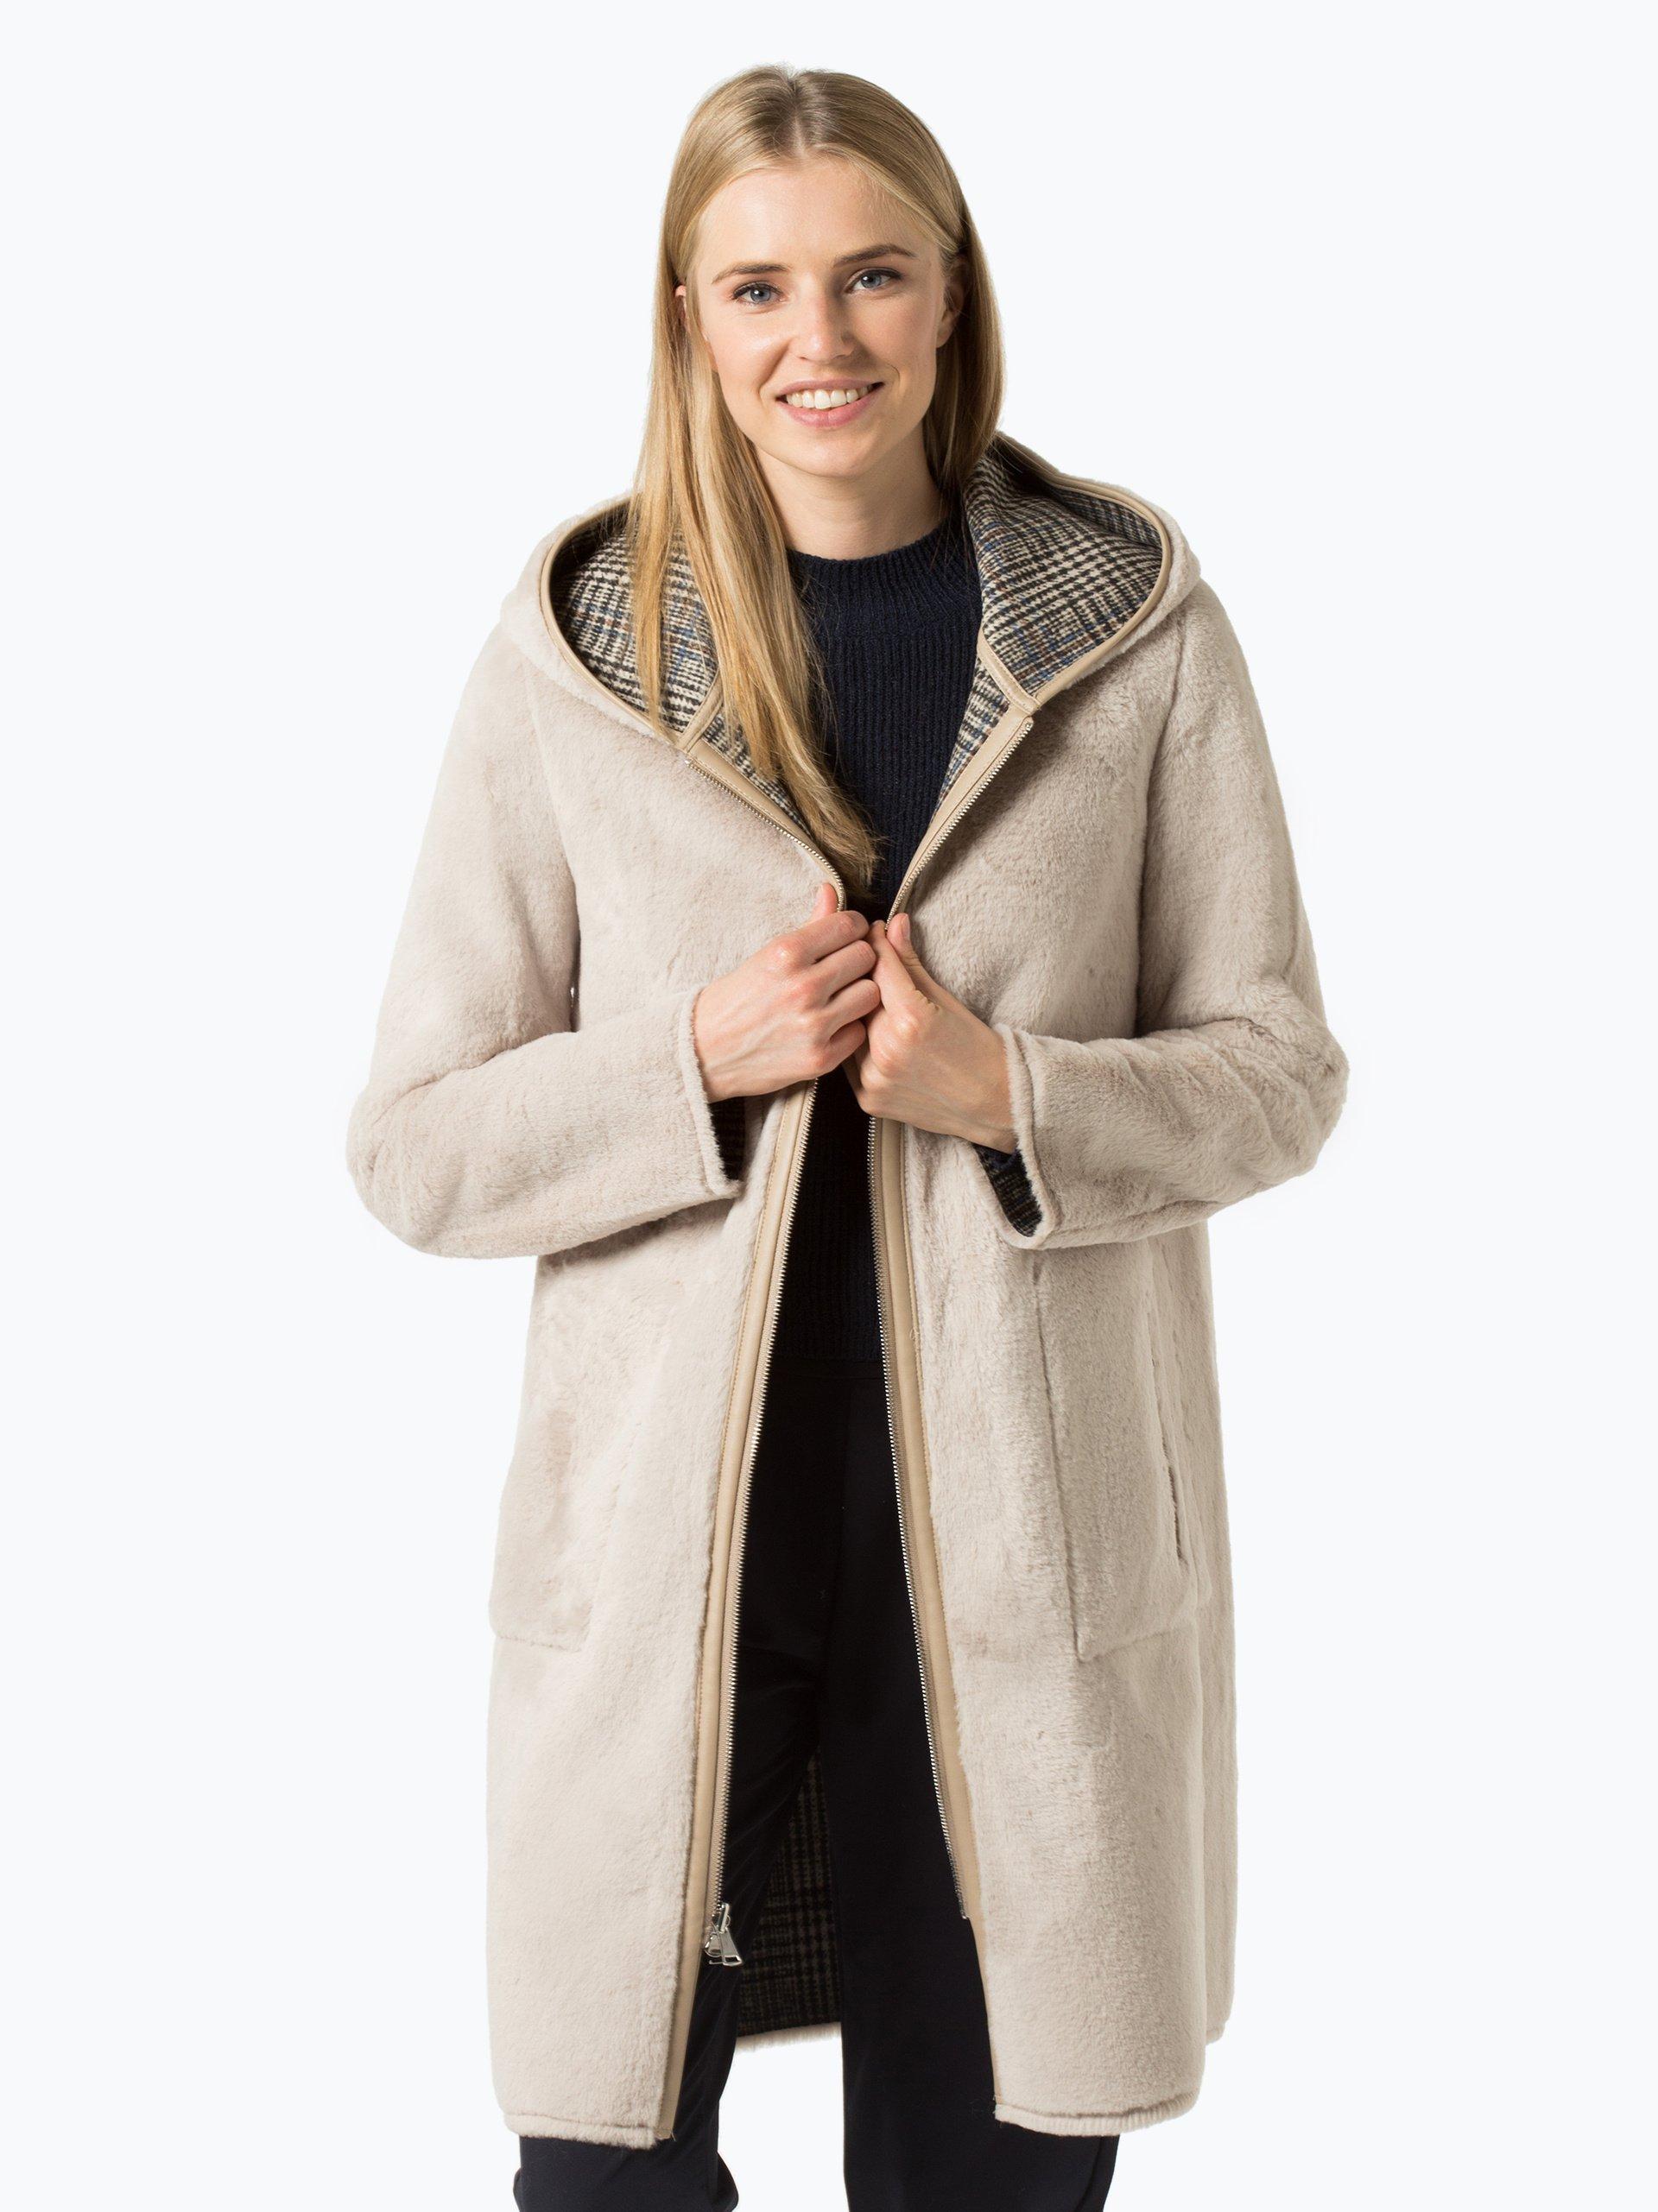 Marie Lund Damski płaszcz dwustronny – Coordinates